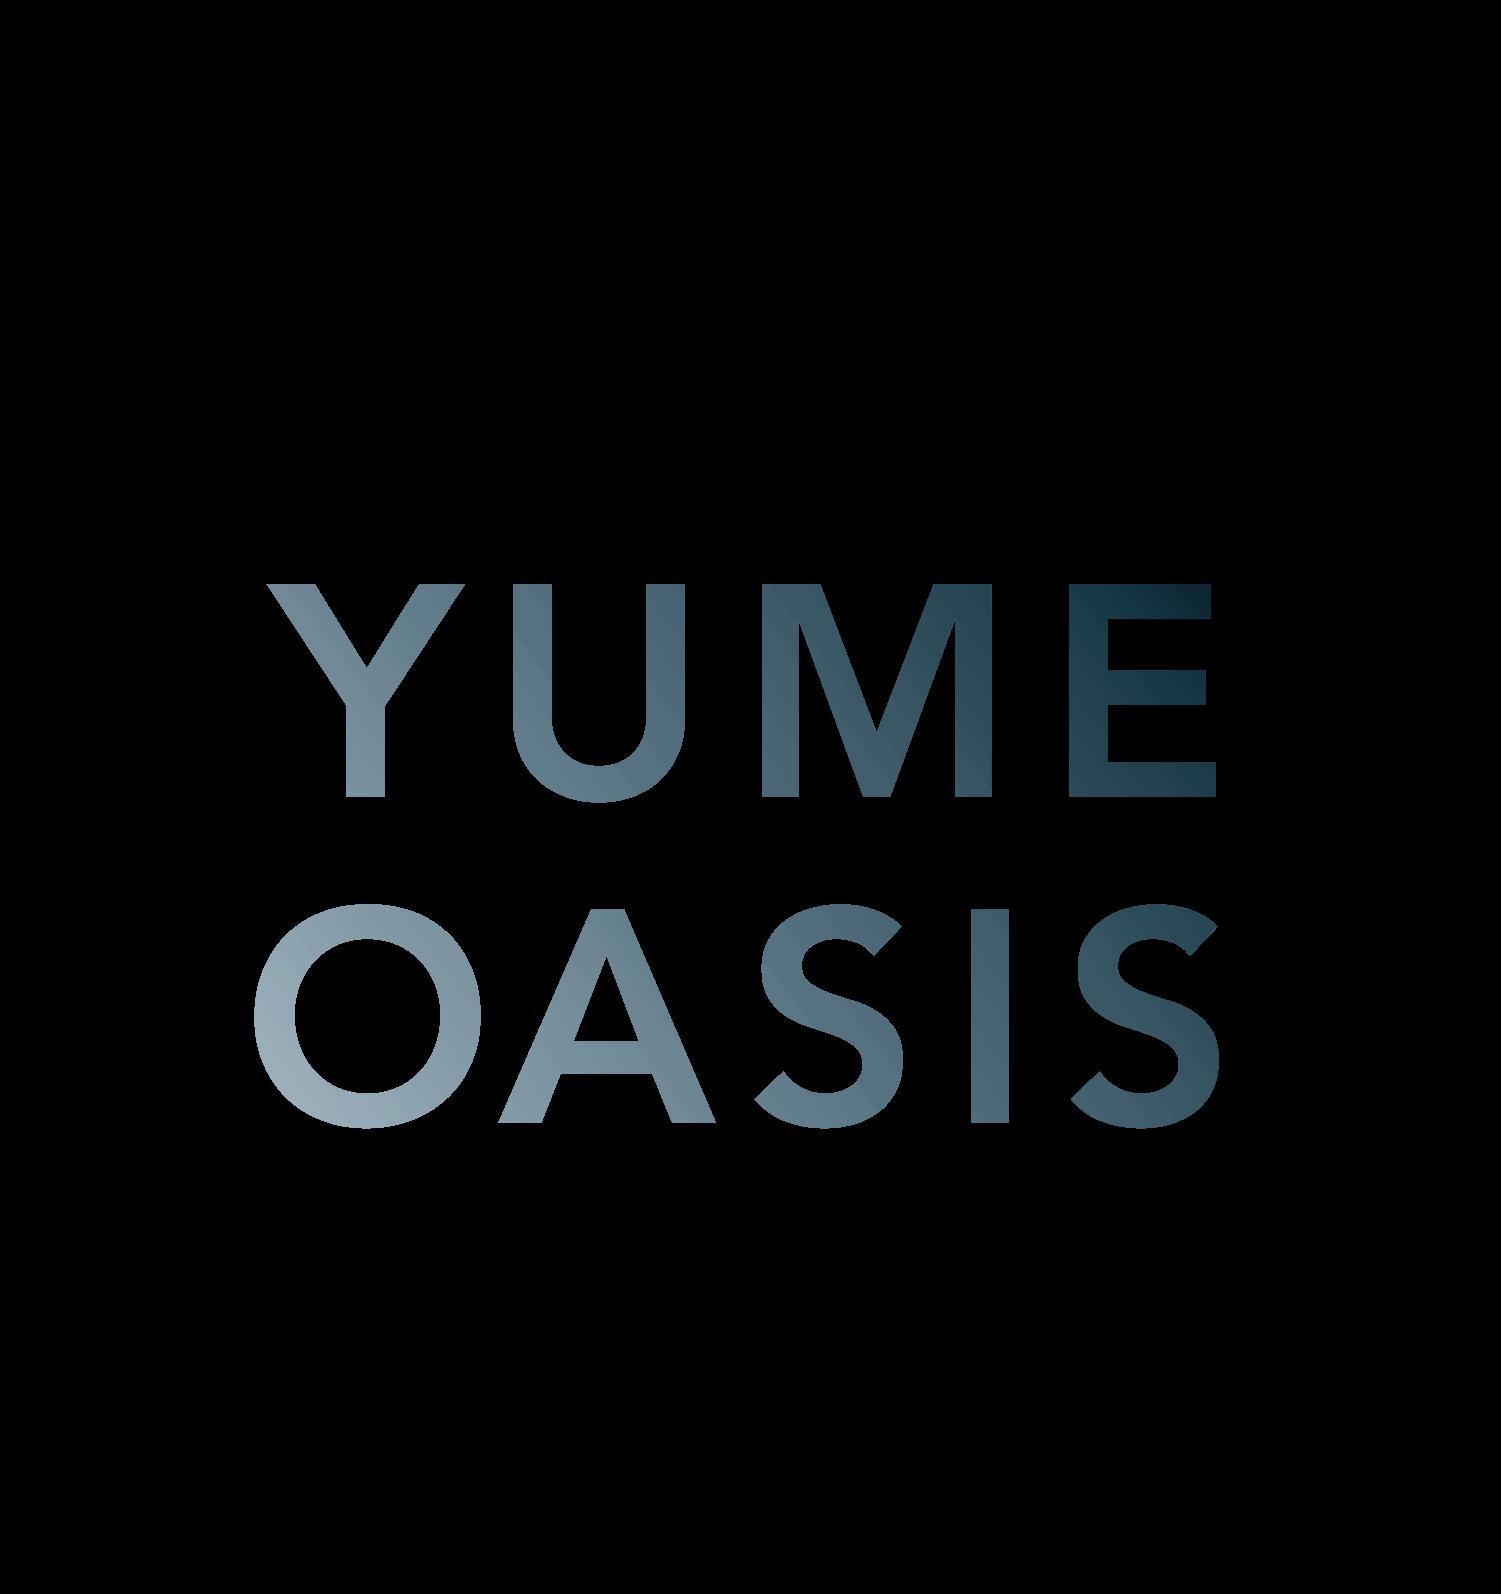 yume oasis